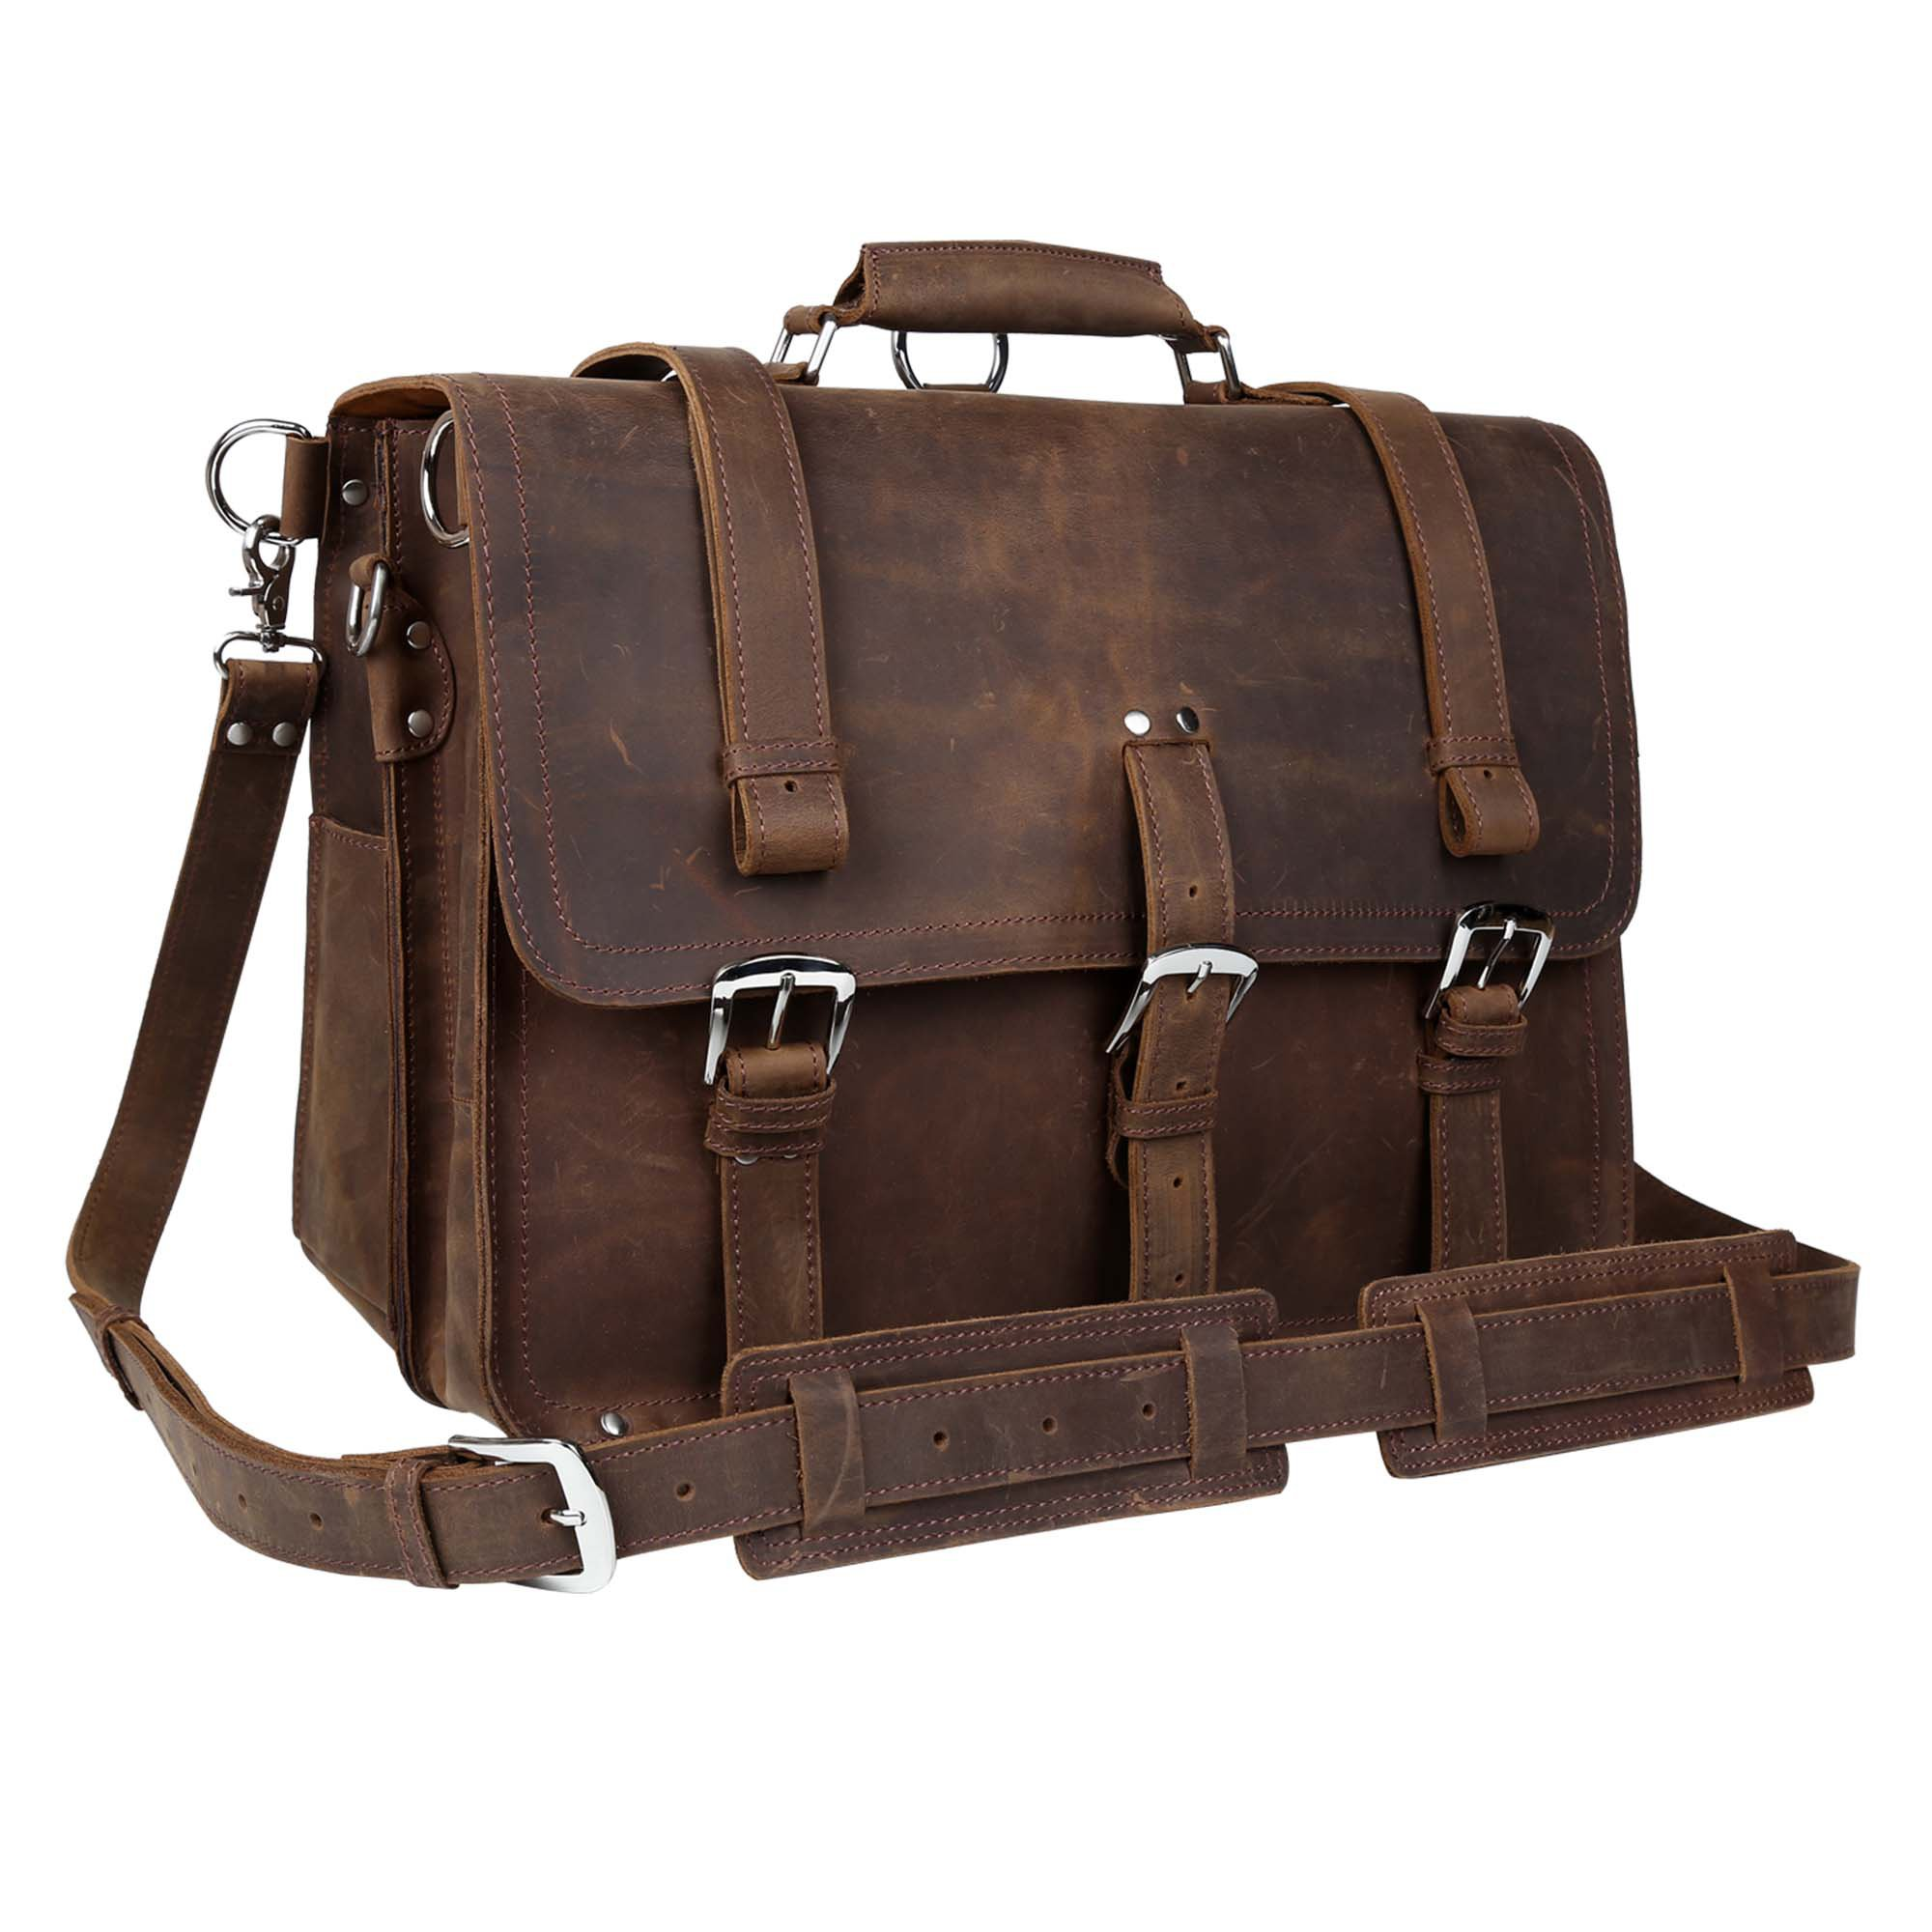 Wildken Genuine Leather Briefcase, Men's Shoulder Handbag Messenger Laptop Bag by Kissloves